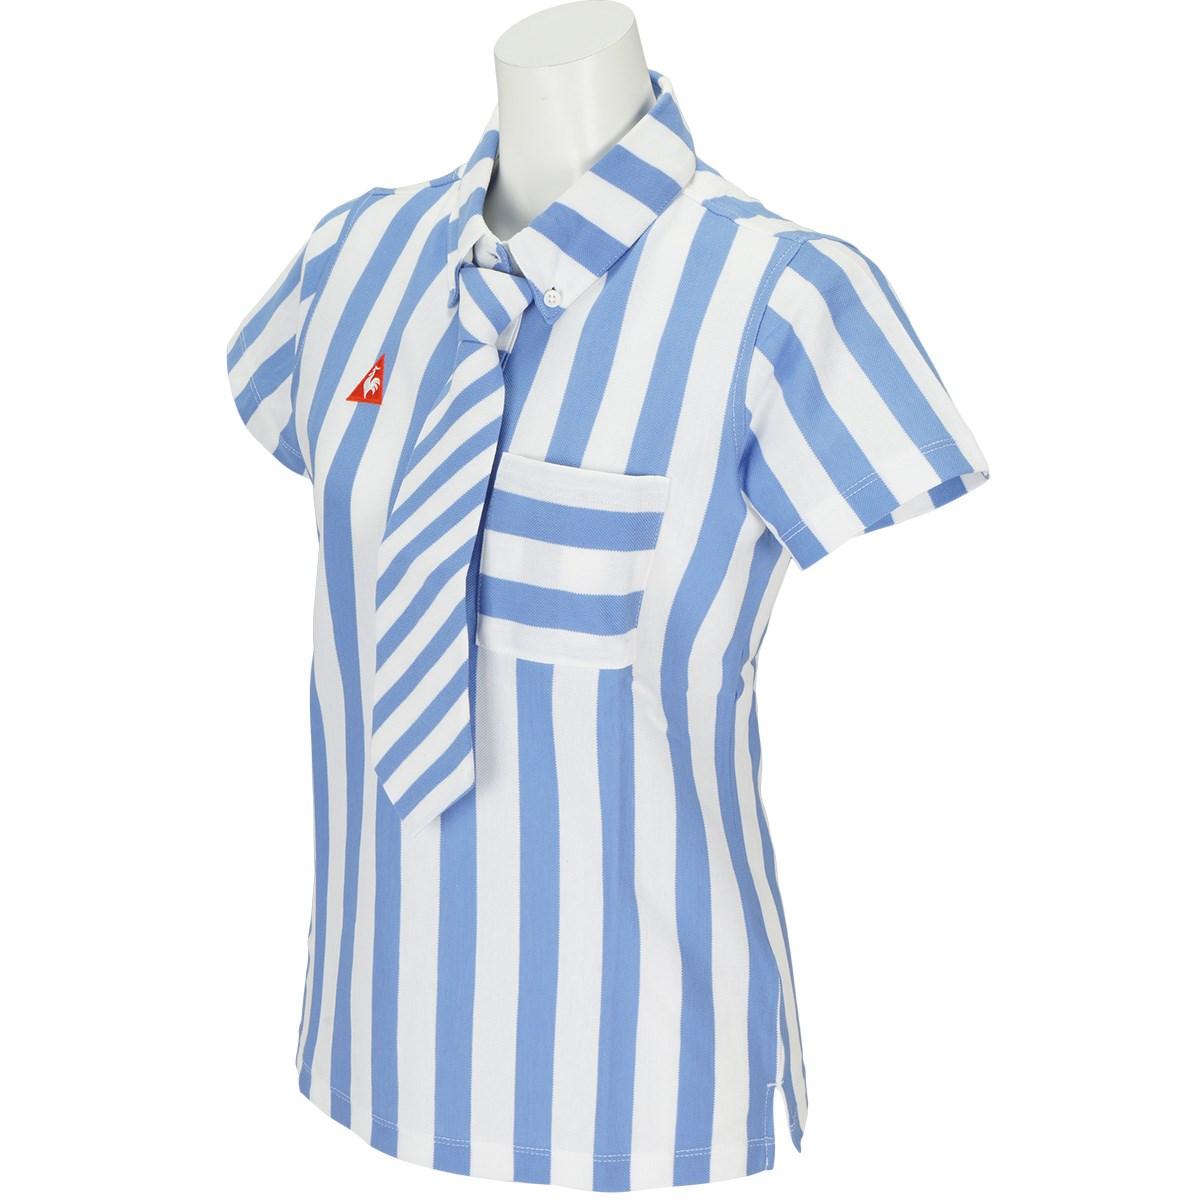 ルコックゴルフ Le coq sportif GOLF 半袖ポロシャツ M ブルー 00 レディス